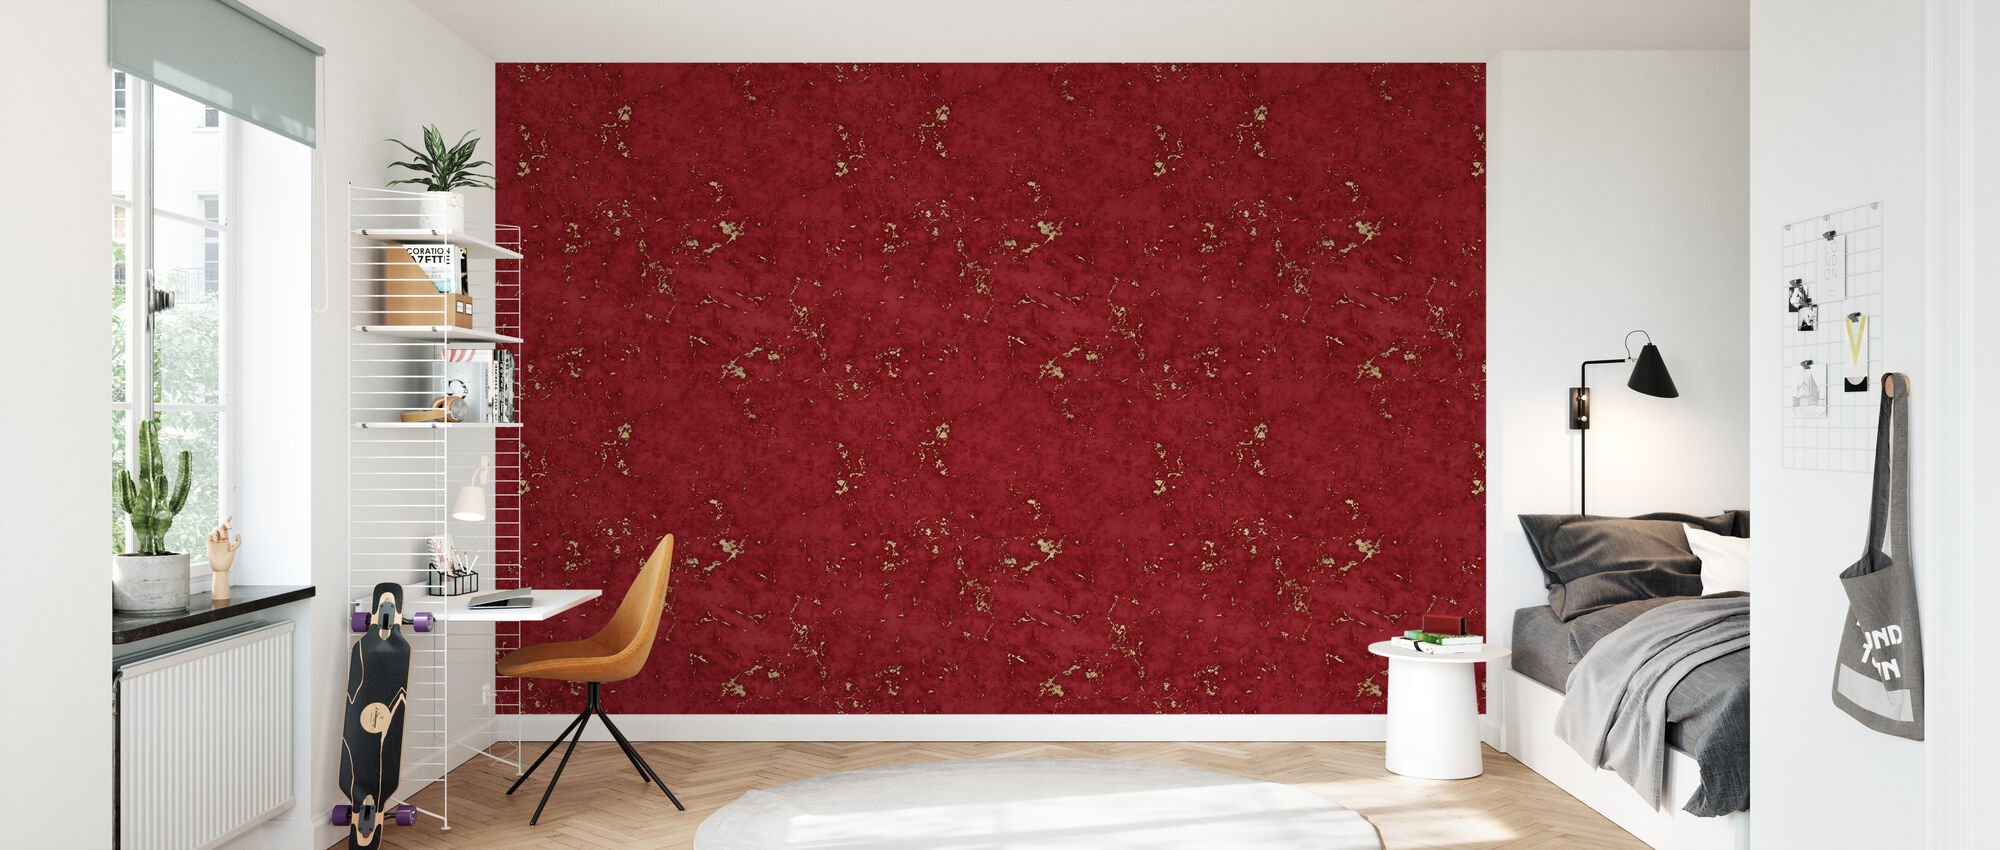 Marbre Rouge Damasco Or - Papier peint - Chambre des enfants